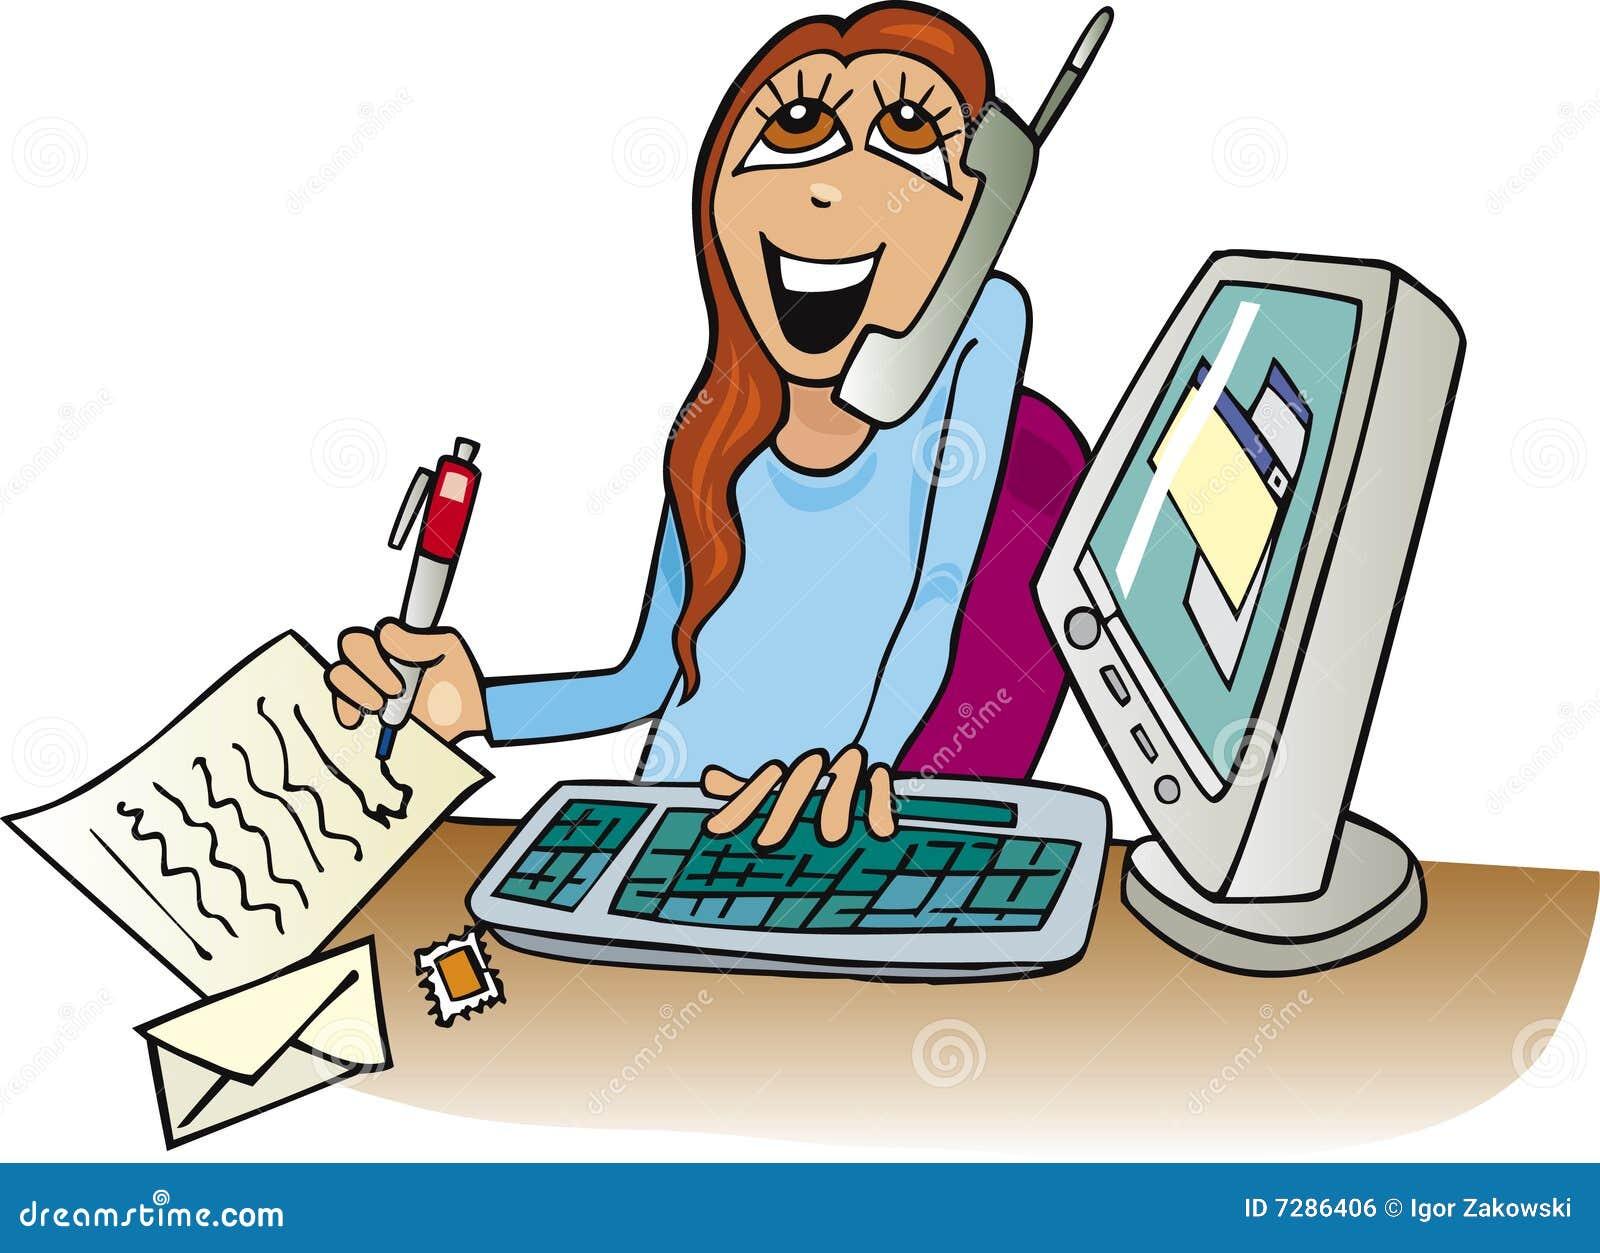 femme au travail dans le bureau image libre de droits image 7286406